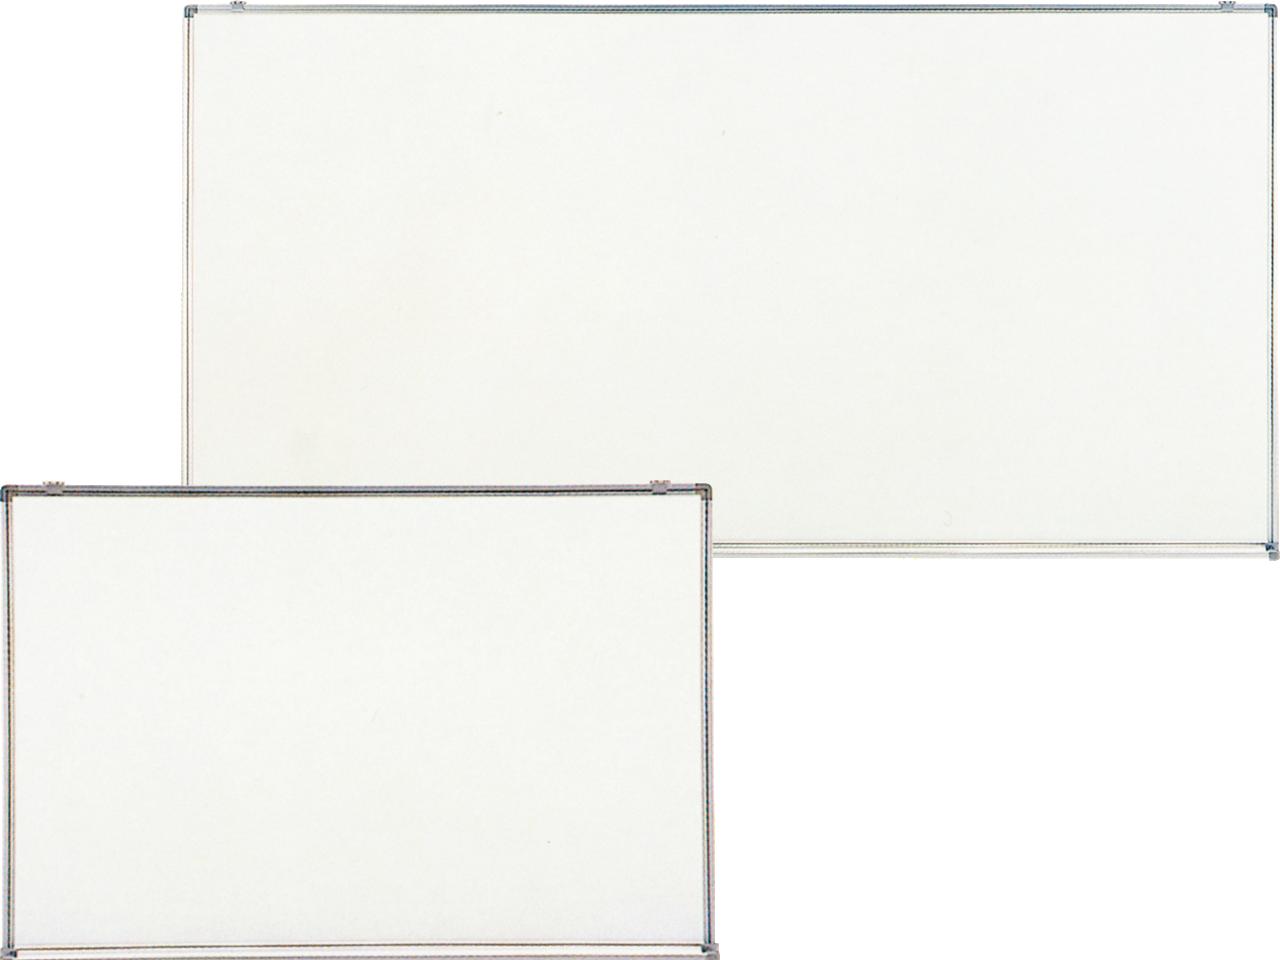 小黒板・ホワイトボード(壁掛け)